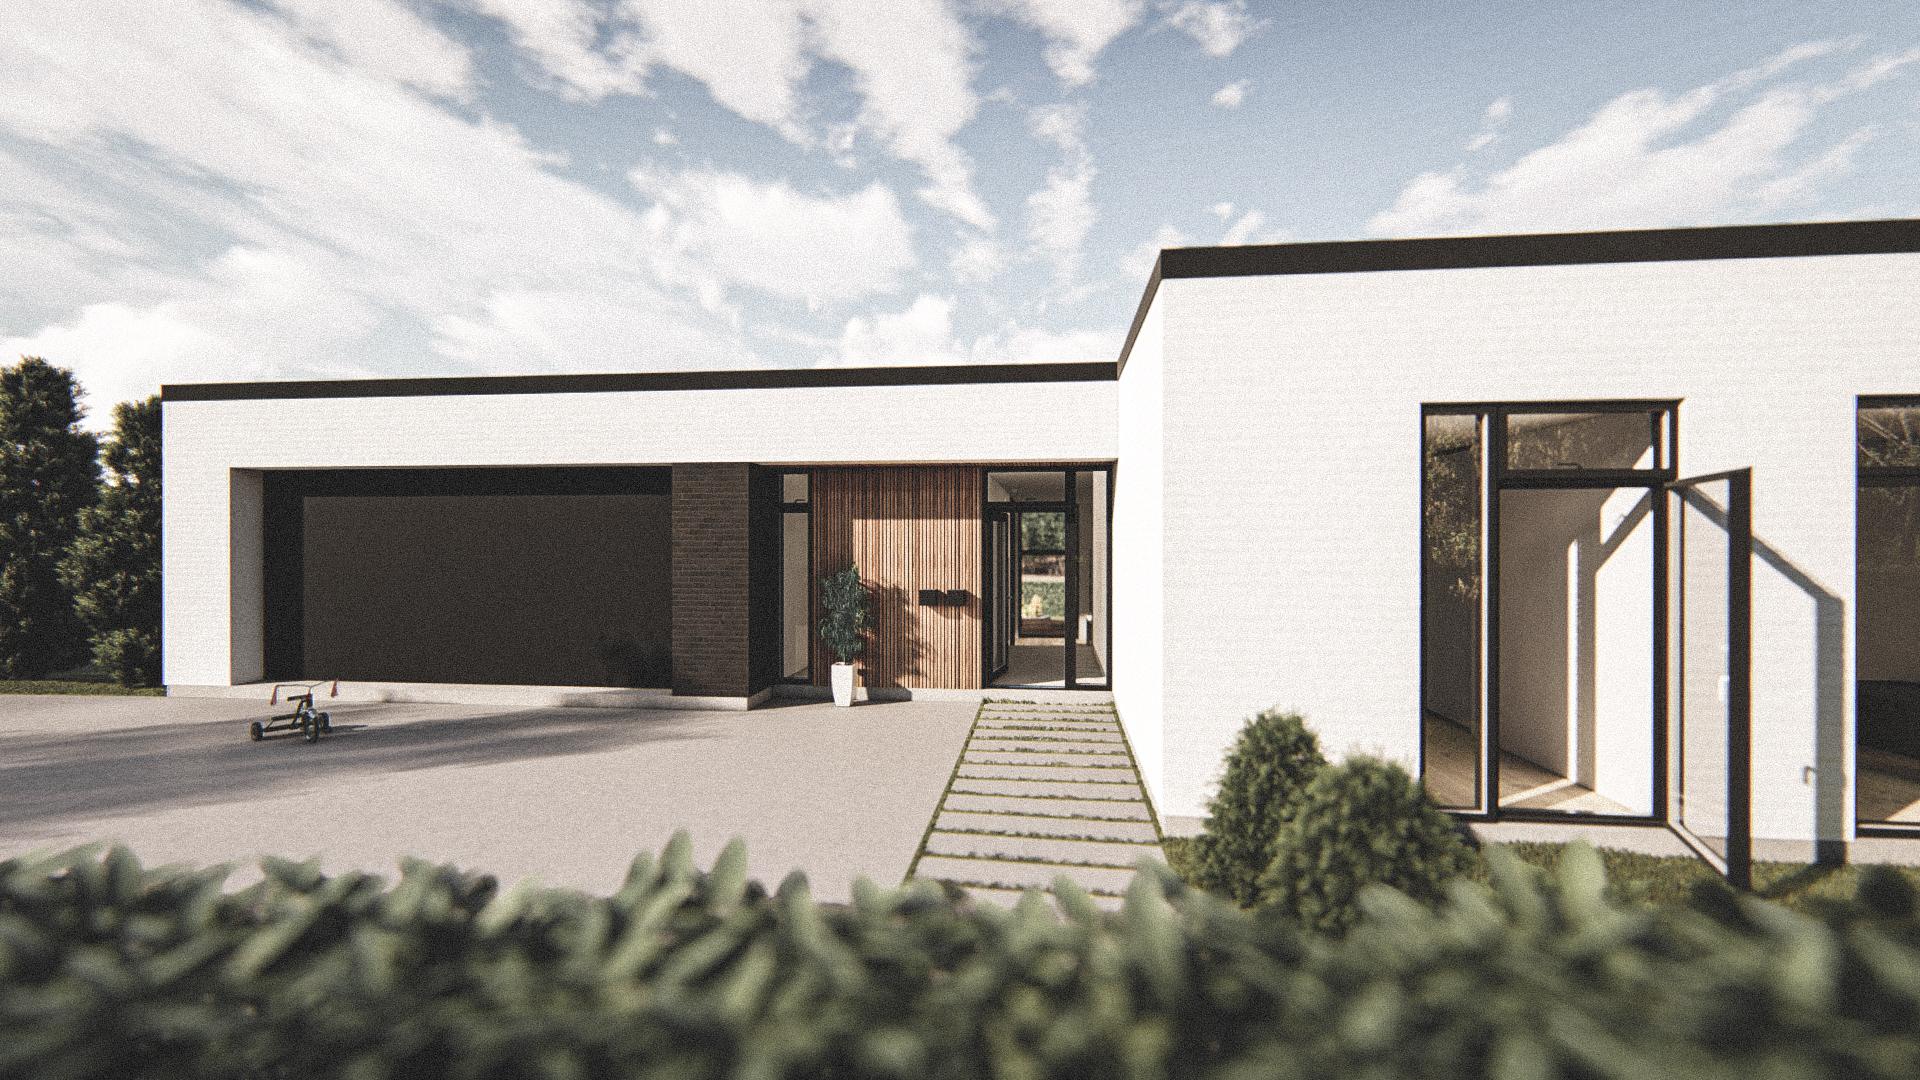 Billede af Dansk arkitekttegnet 1 plan villa af arkitektfirmaet m2plus, i Espergærde på 189 kvartratmeter.